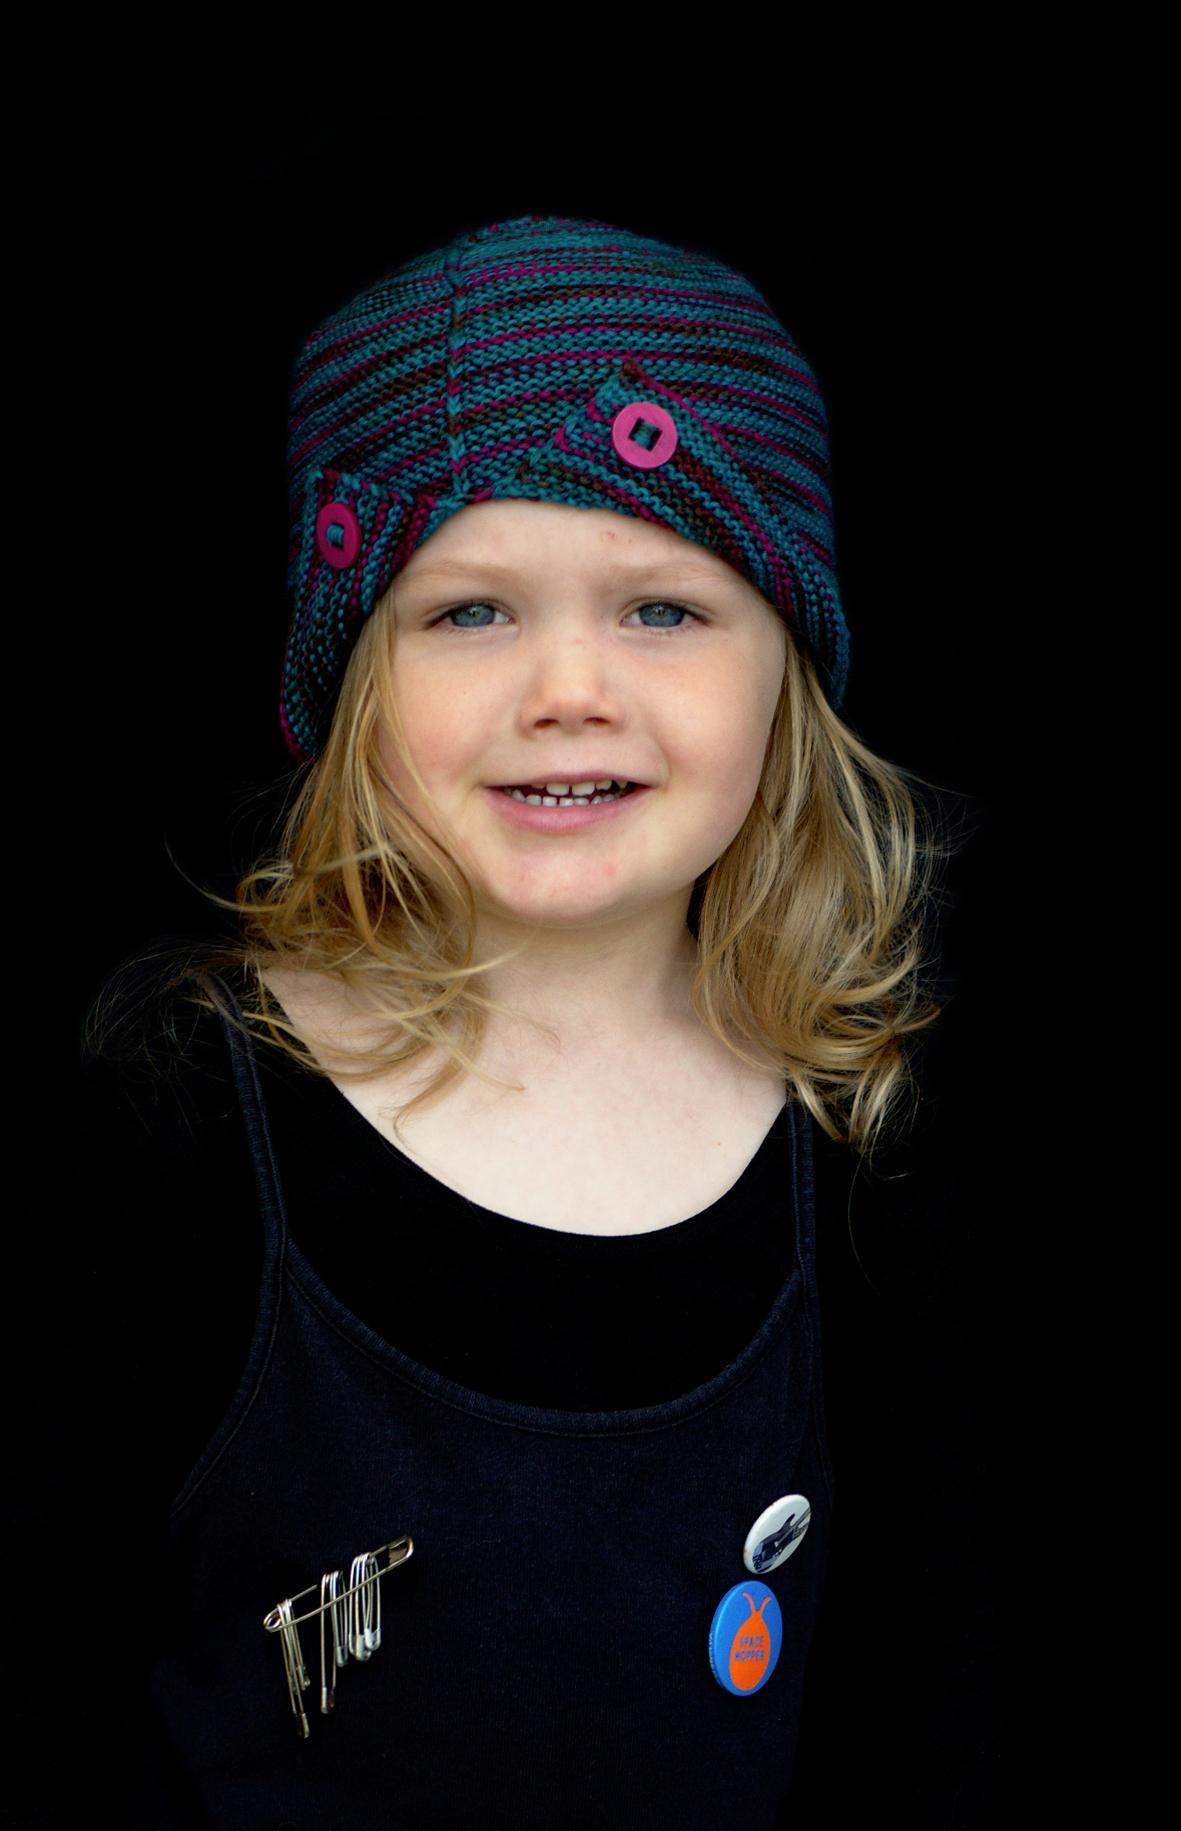 Wychavon hand knitting pattern for cloche Hat